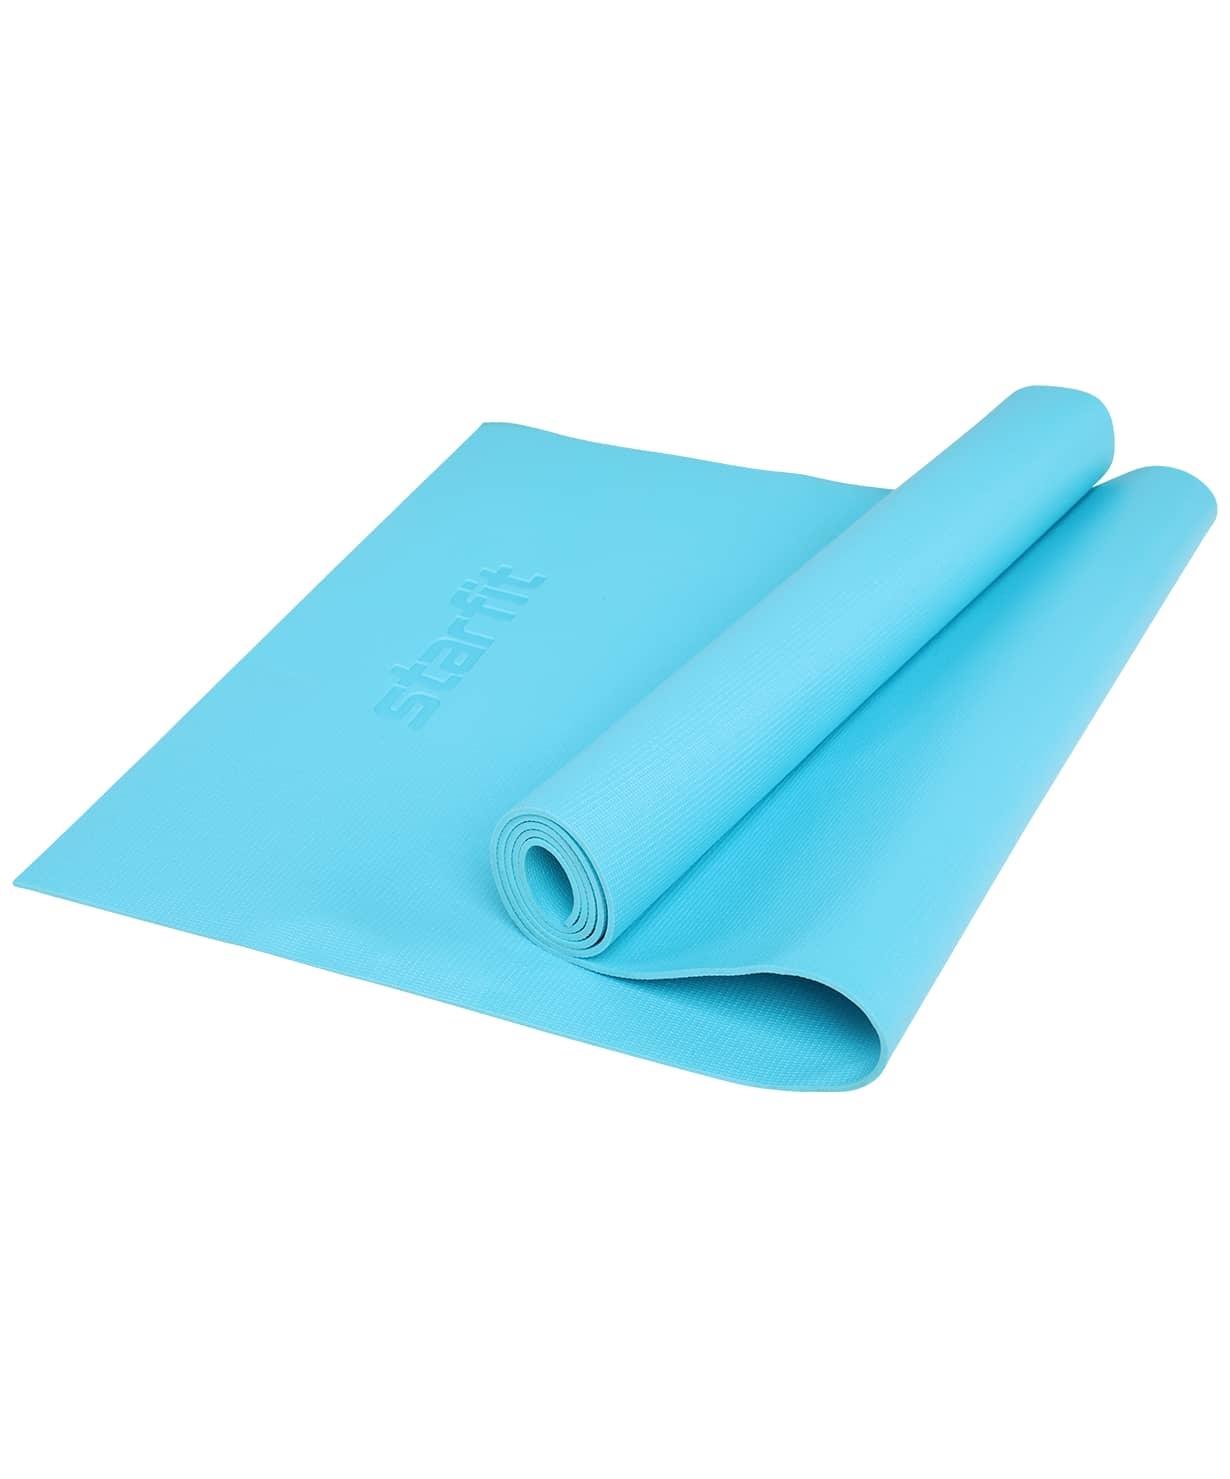 Коврик для йоги STARFIT FM-103 PVC HD 173x61x0,4 см, голубой